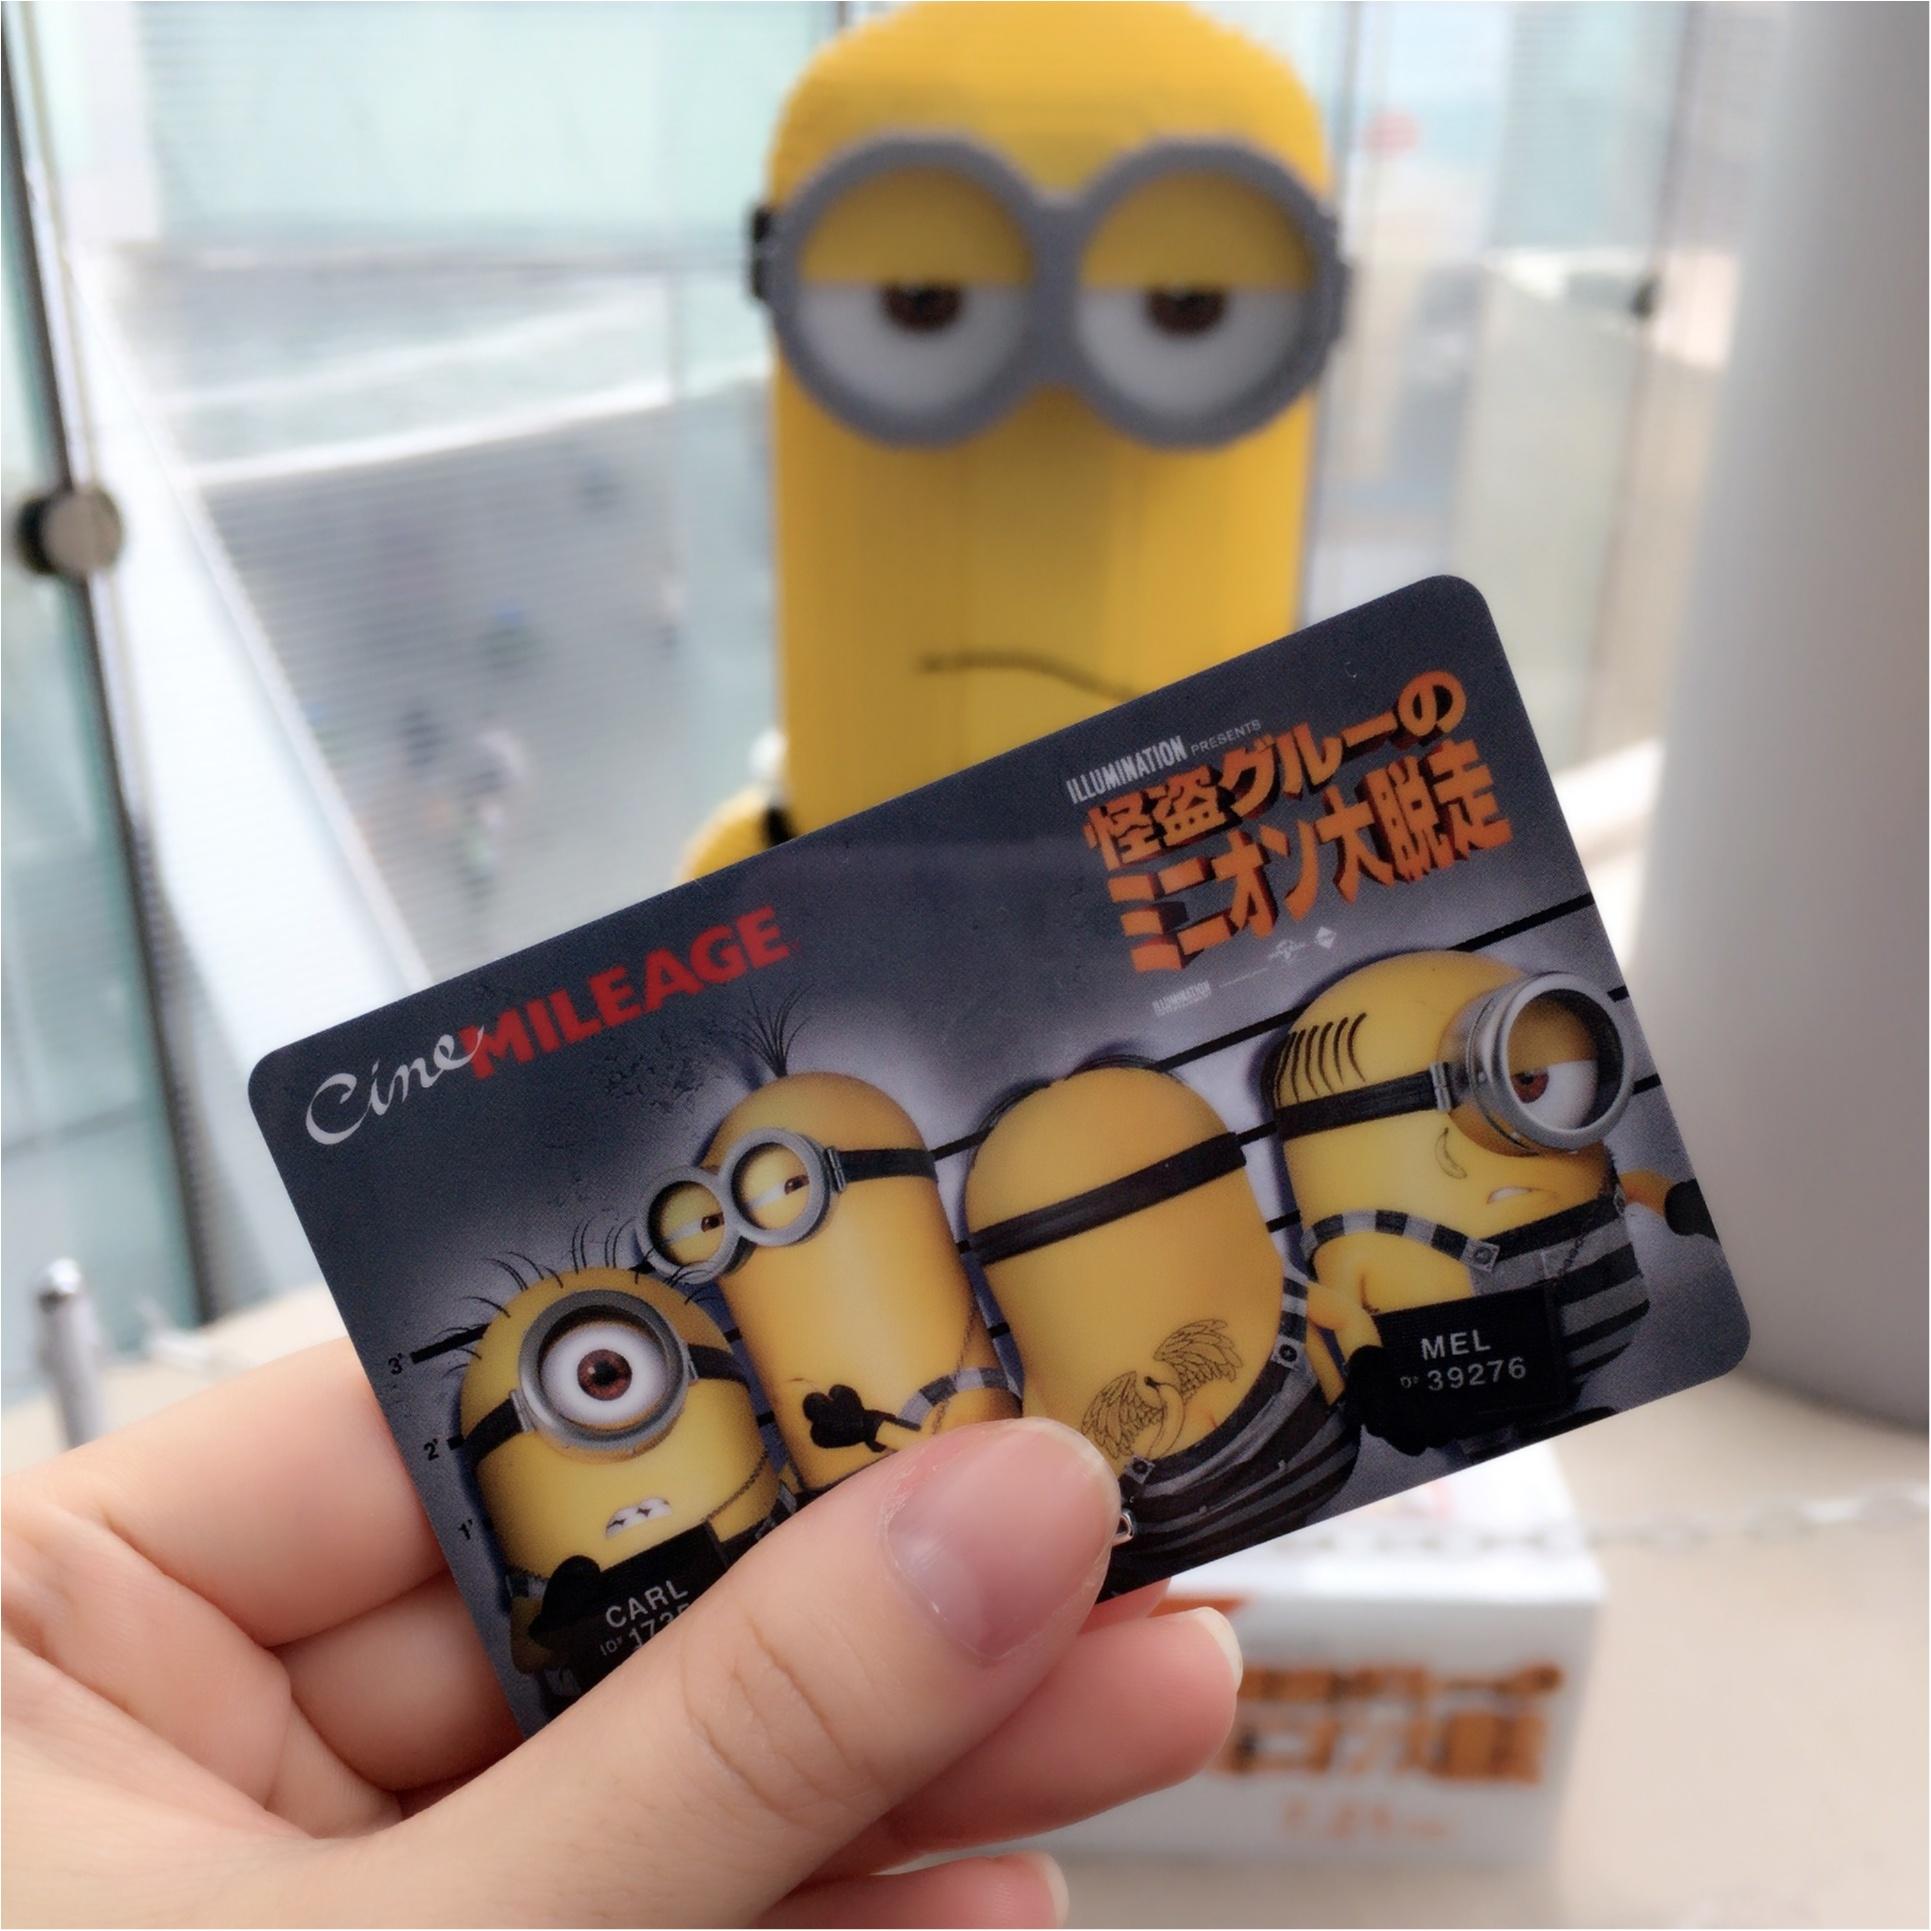 全国先着18,000枚限定!『怪盗グルーのミニオン大脱走』限定デザインシネマイレージカードをゲットしなくちゃ!♡_1